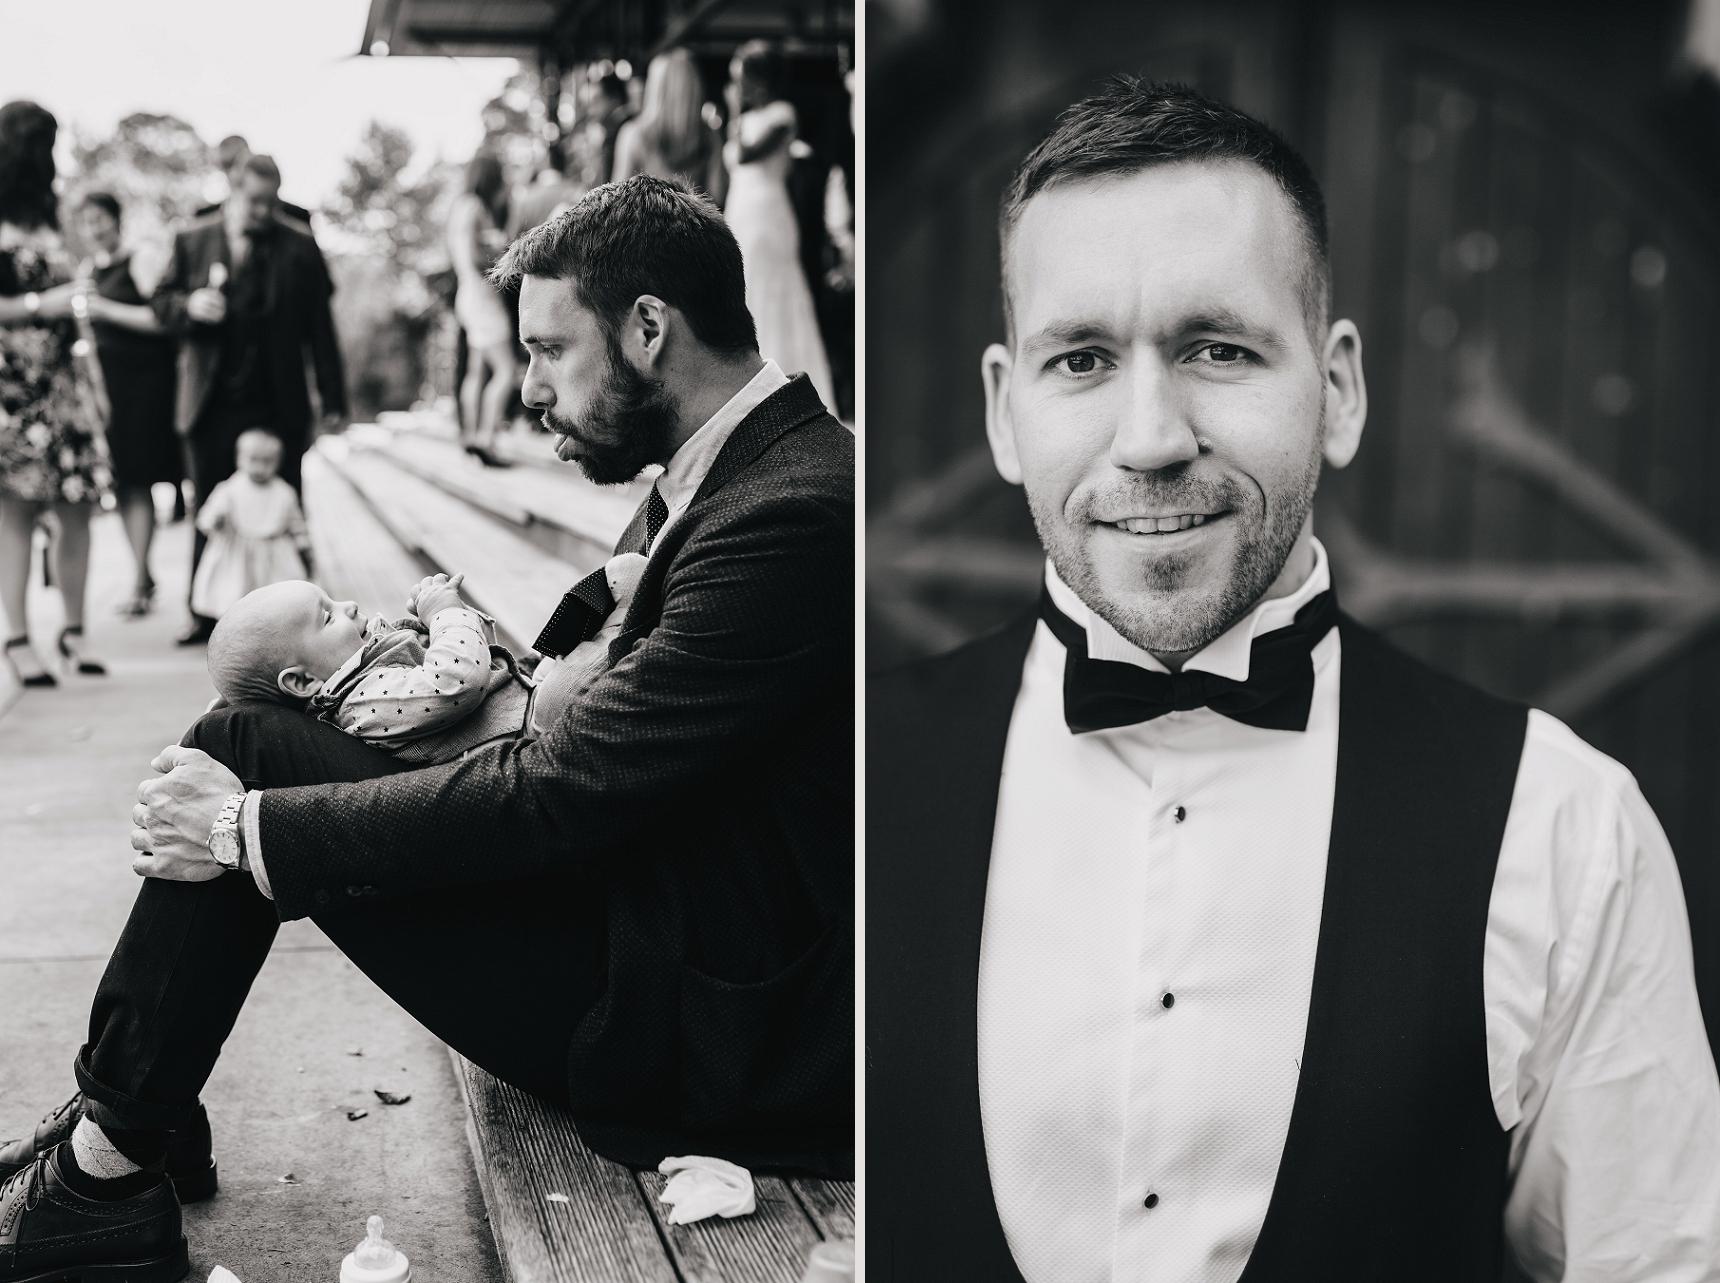 Utopia wedding photographer